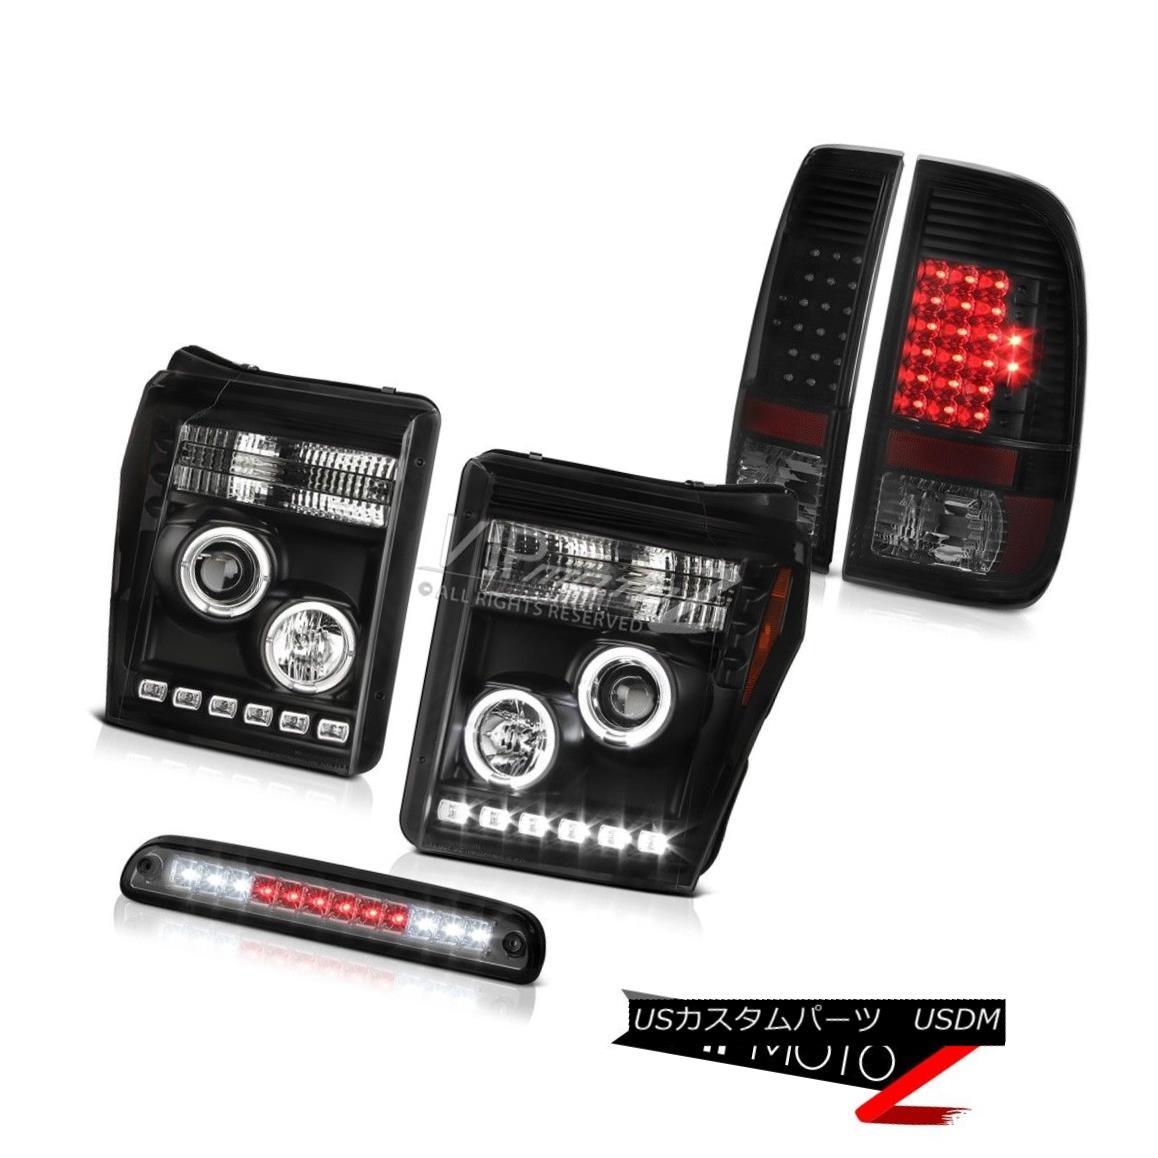 ヘッドライト 2011-2016 F250 Xl Dark Smoke Roof Brake Light Tail Lights Headlights Angel Eyes 2011-2016 F250 Xlダークスモークルーフブレーキライトテールライトヘッドライトエンジェルアイズ